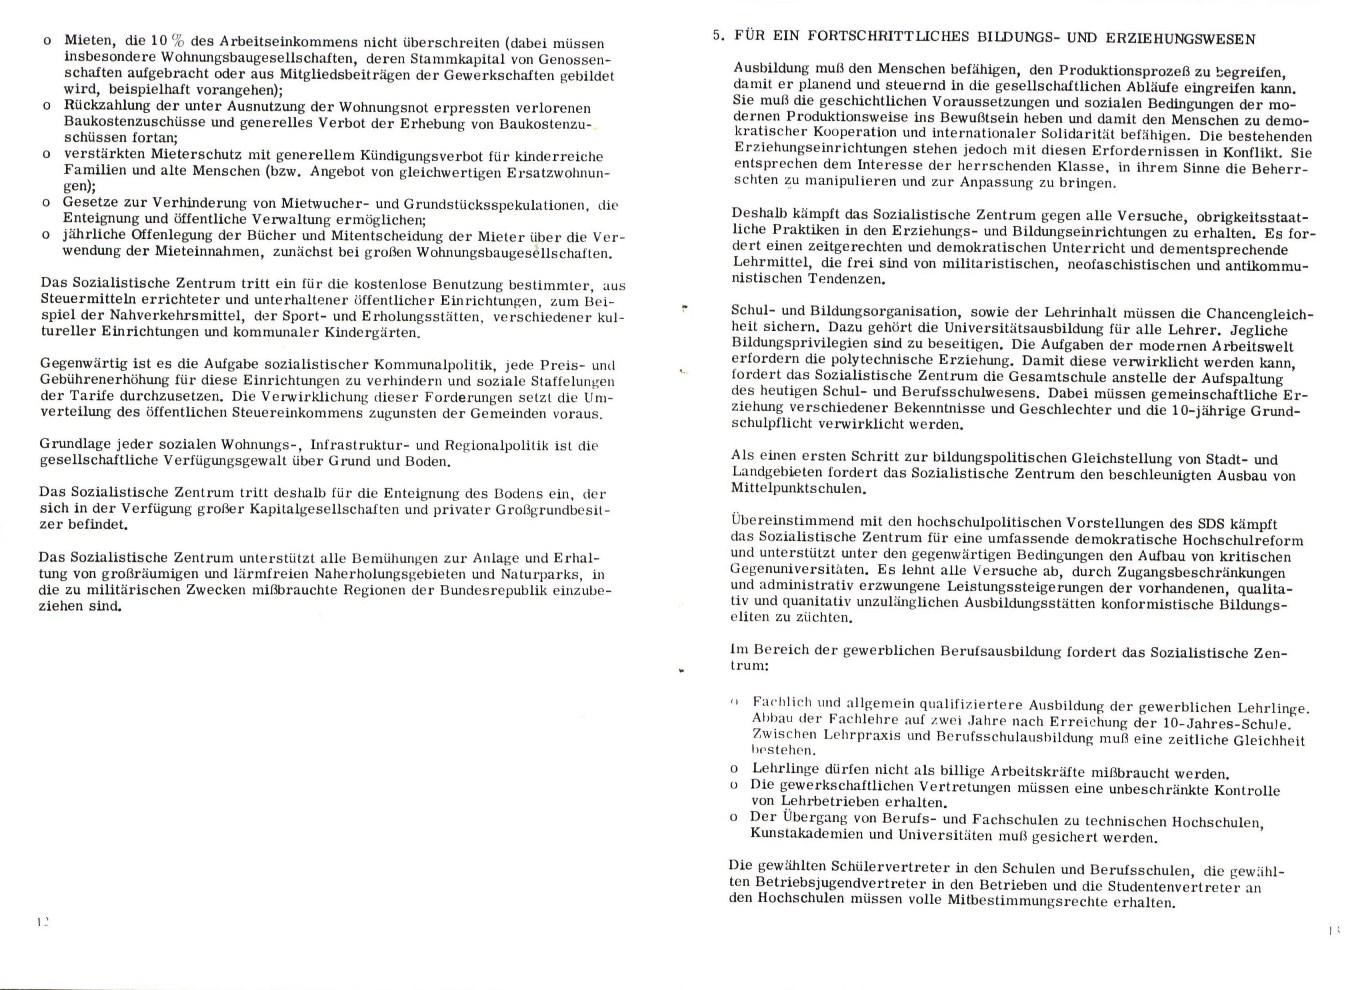 Sozialistisches_Zentrum_1968_Aktionsprogramm_07